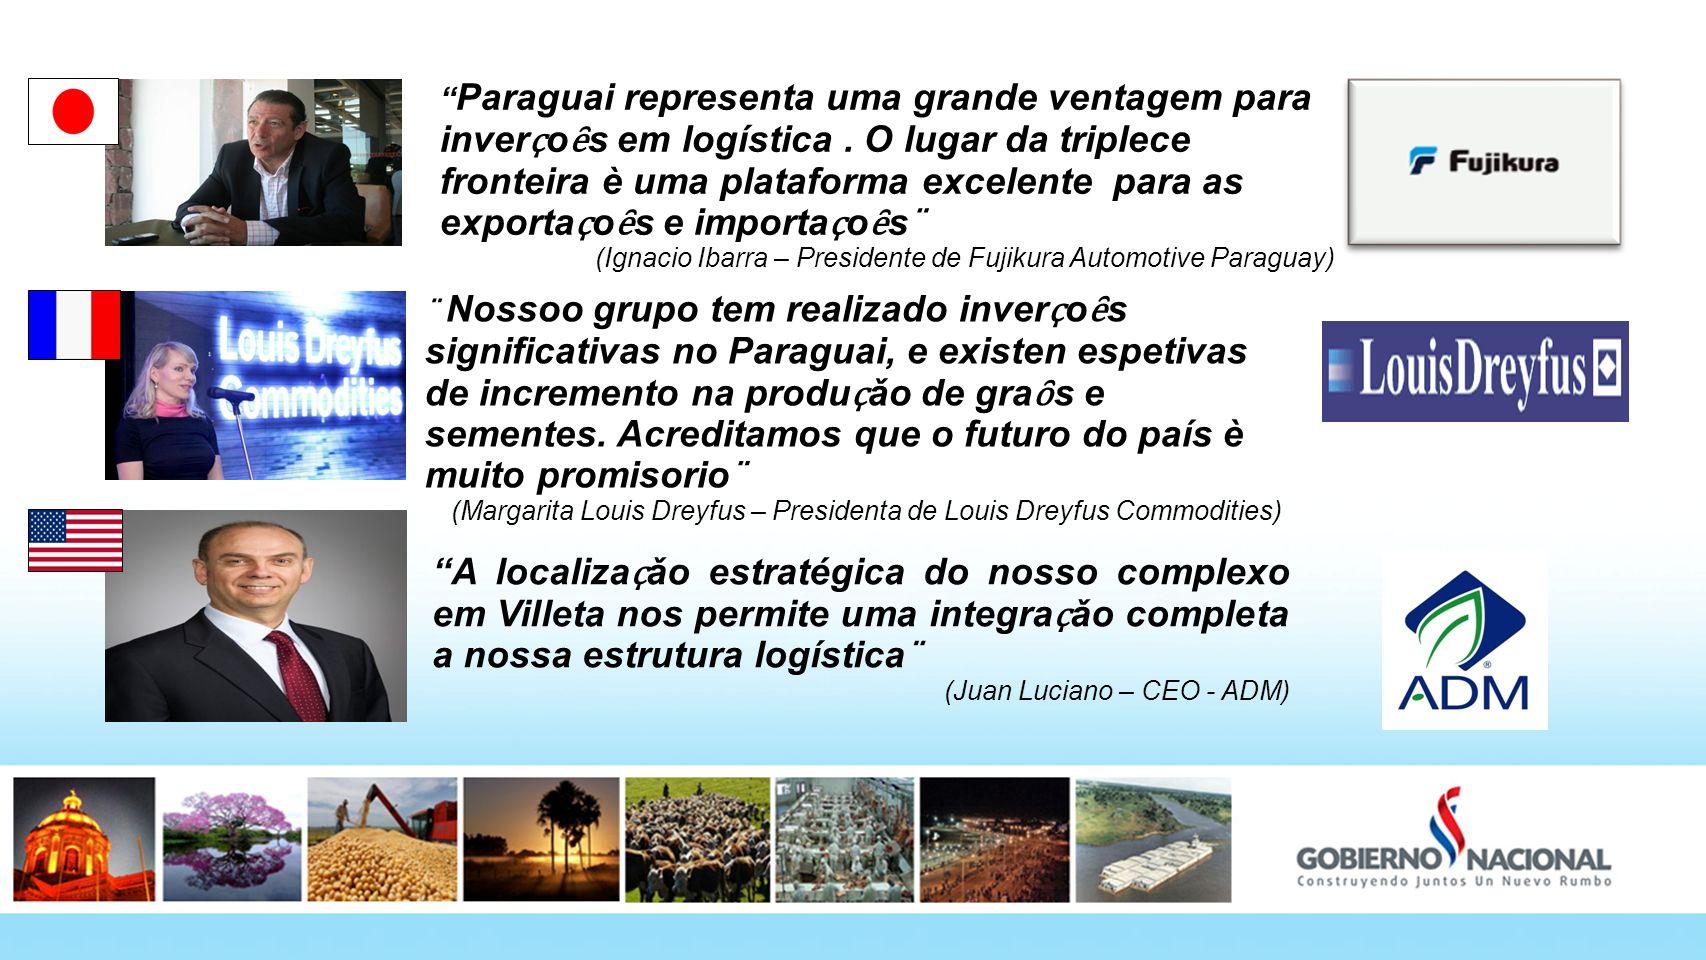 Paraguai representa uma grande ventagem para inverҫoȇs em logística